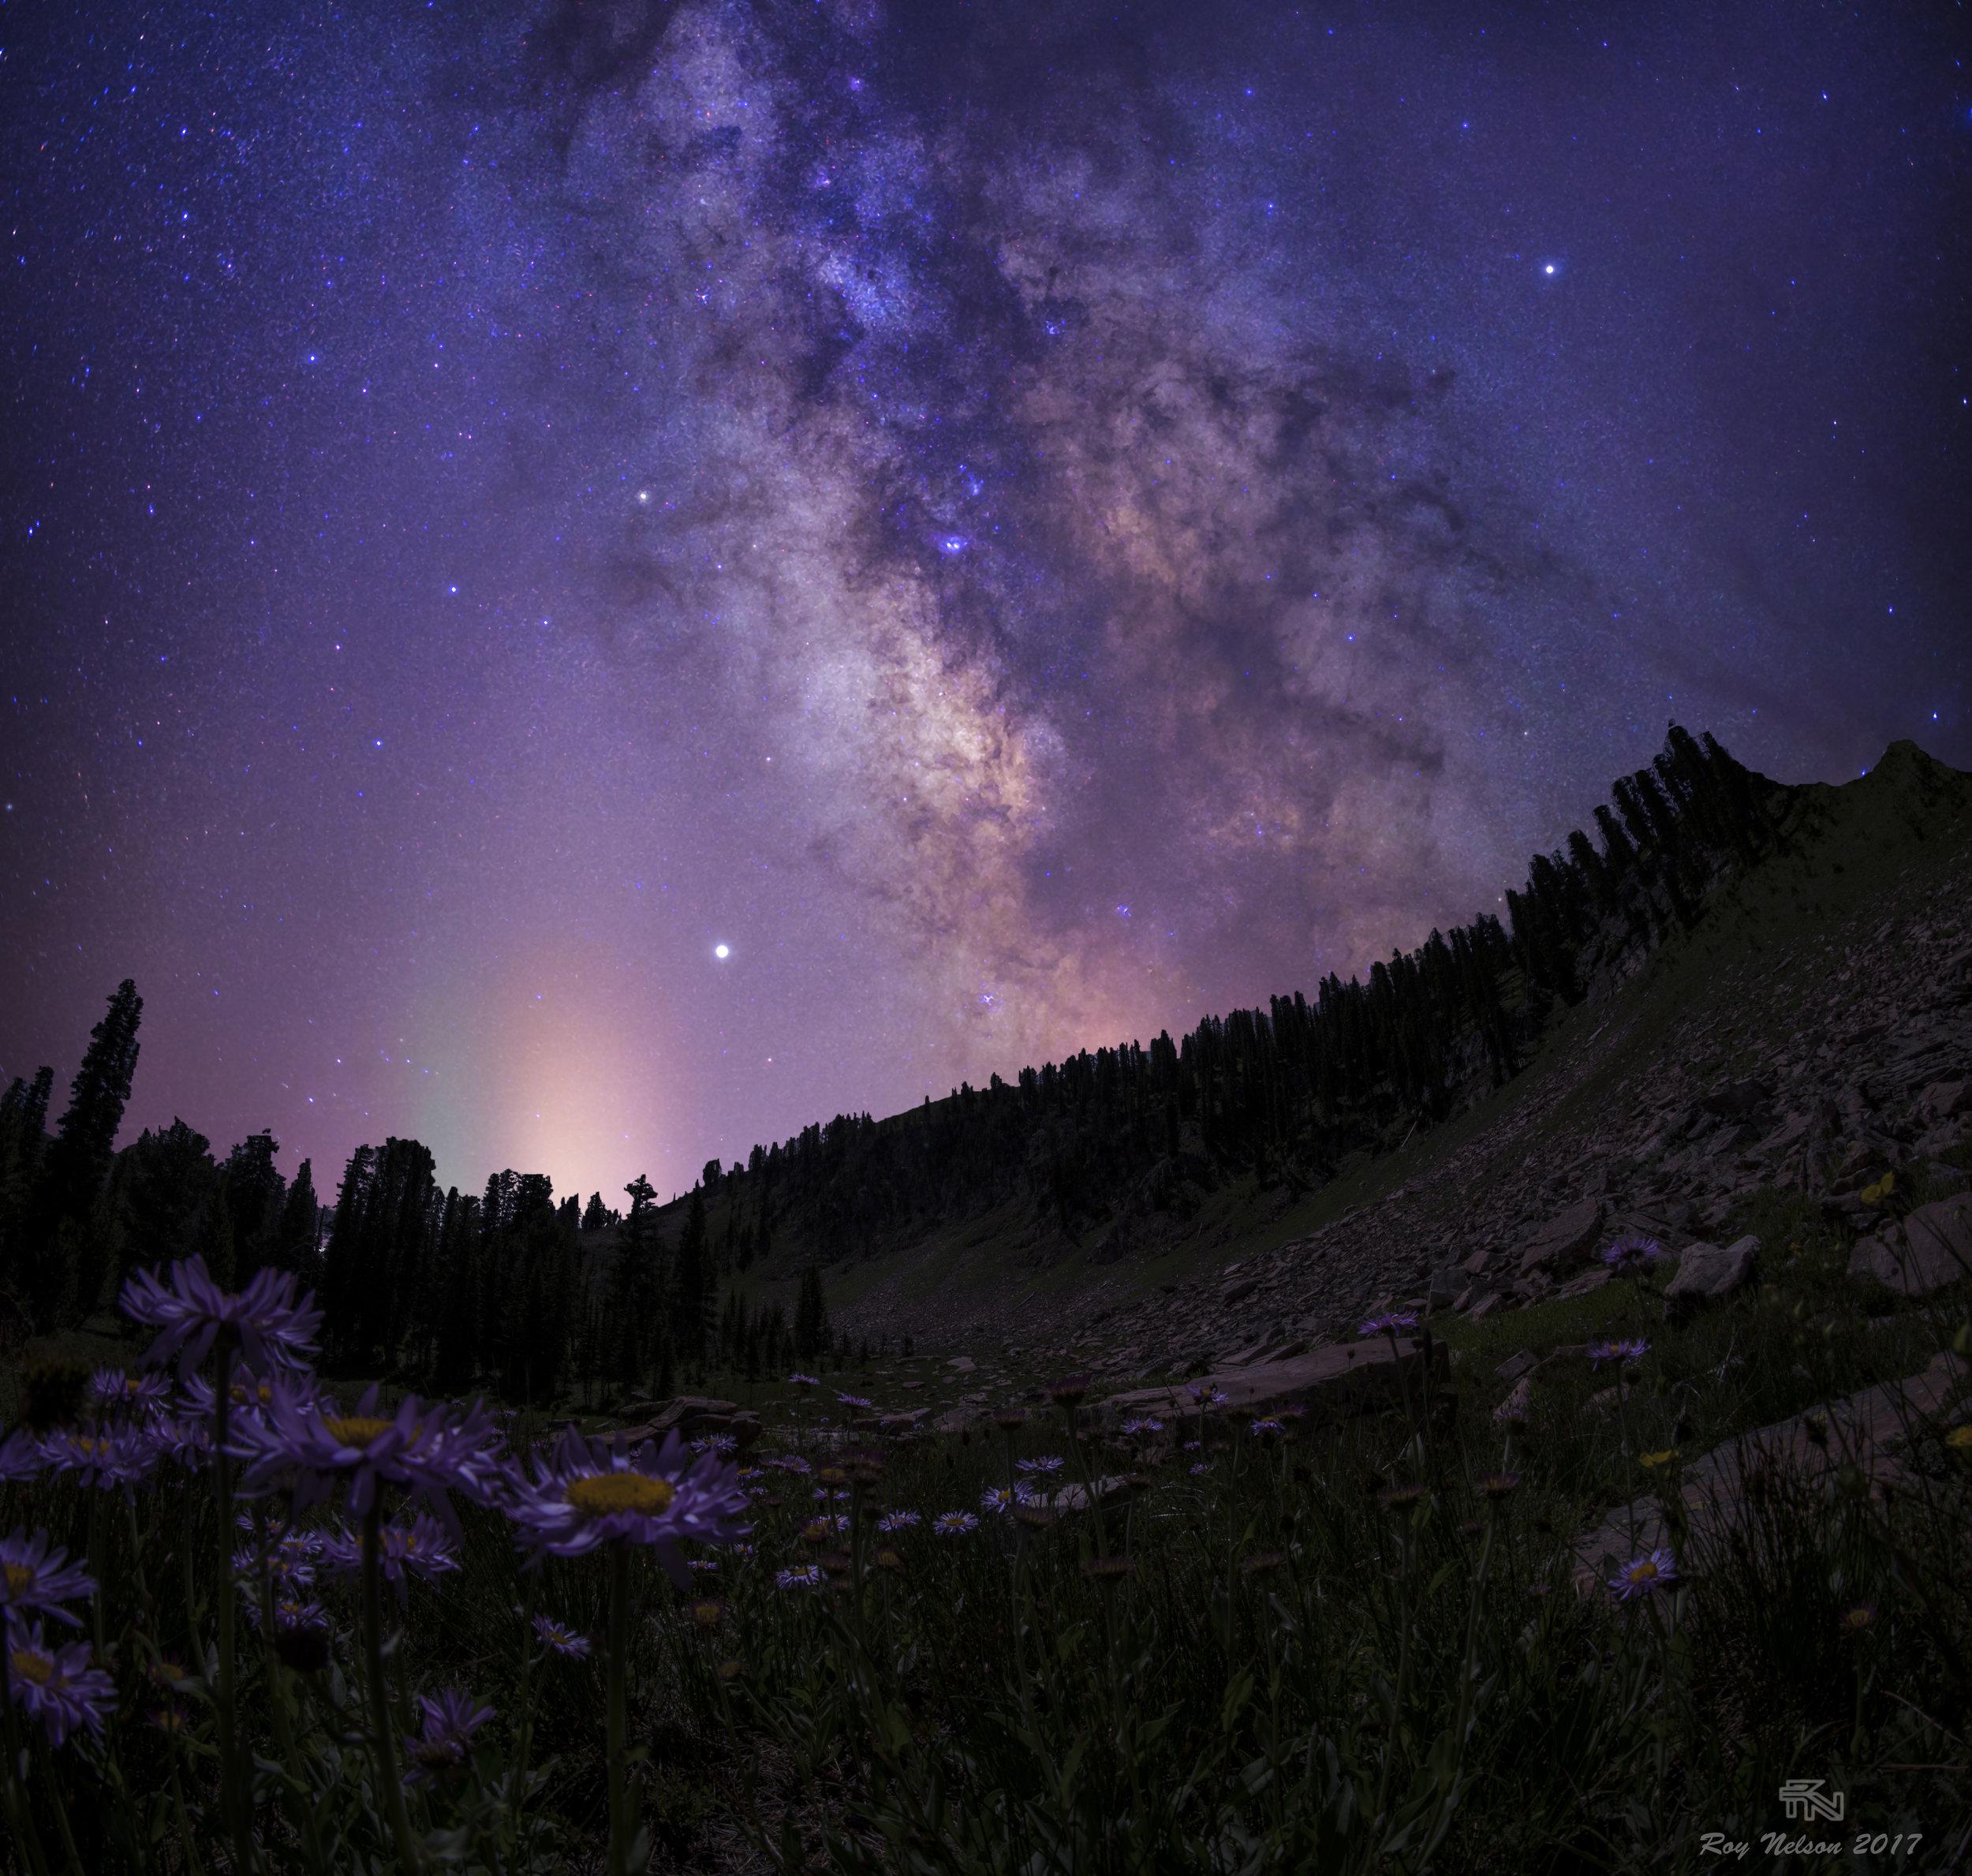 'Starlight'